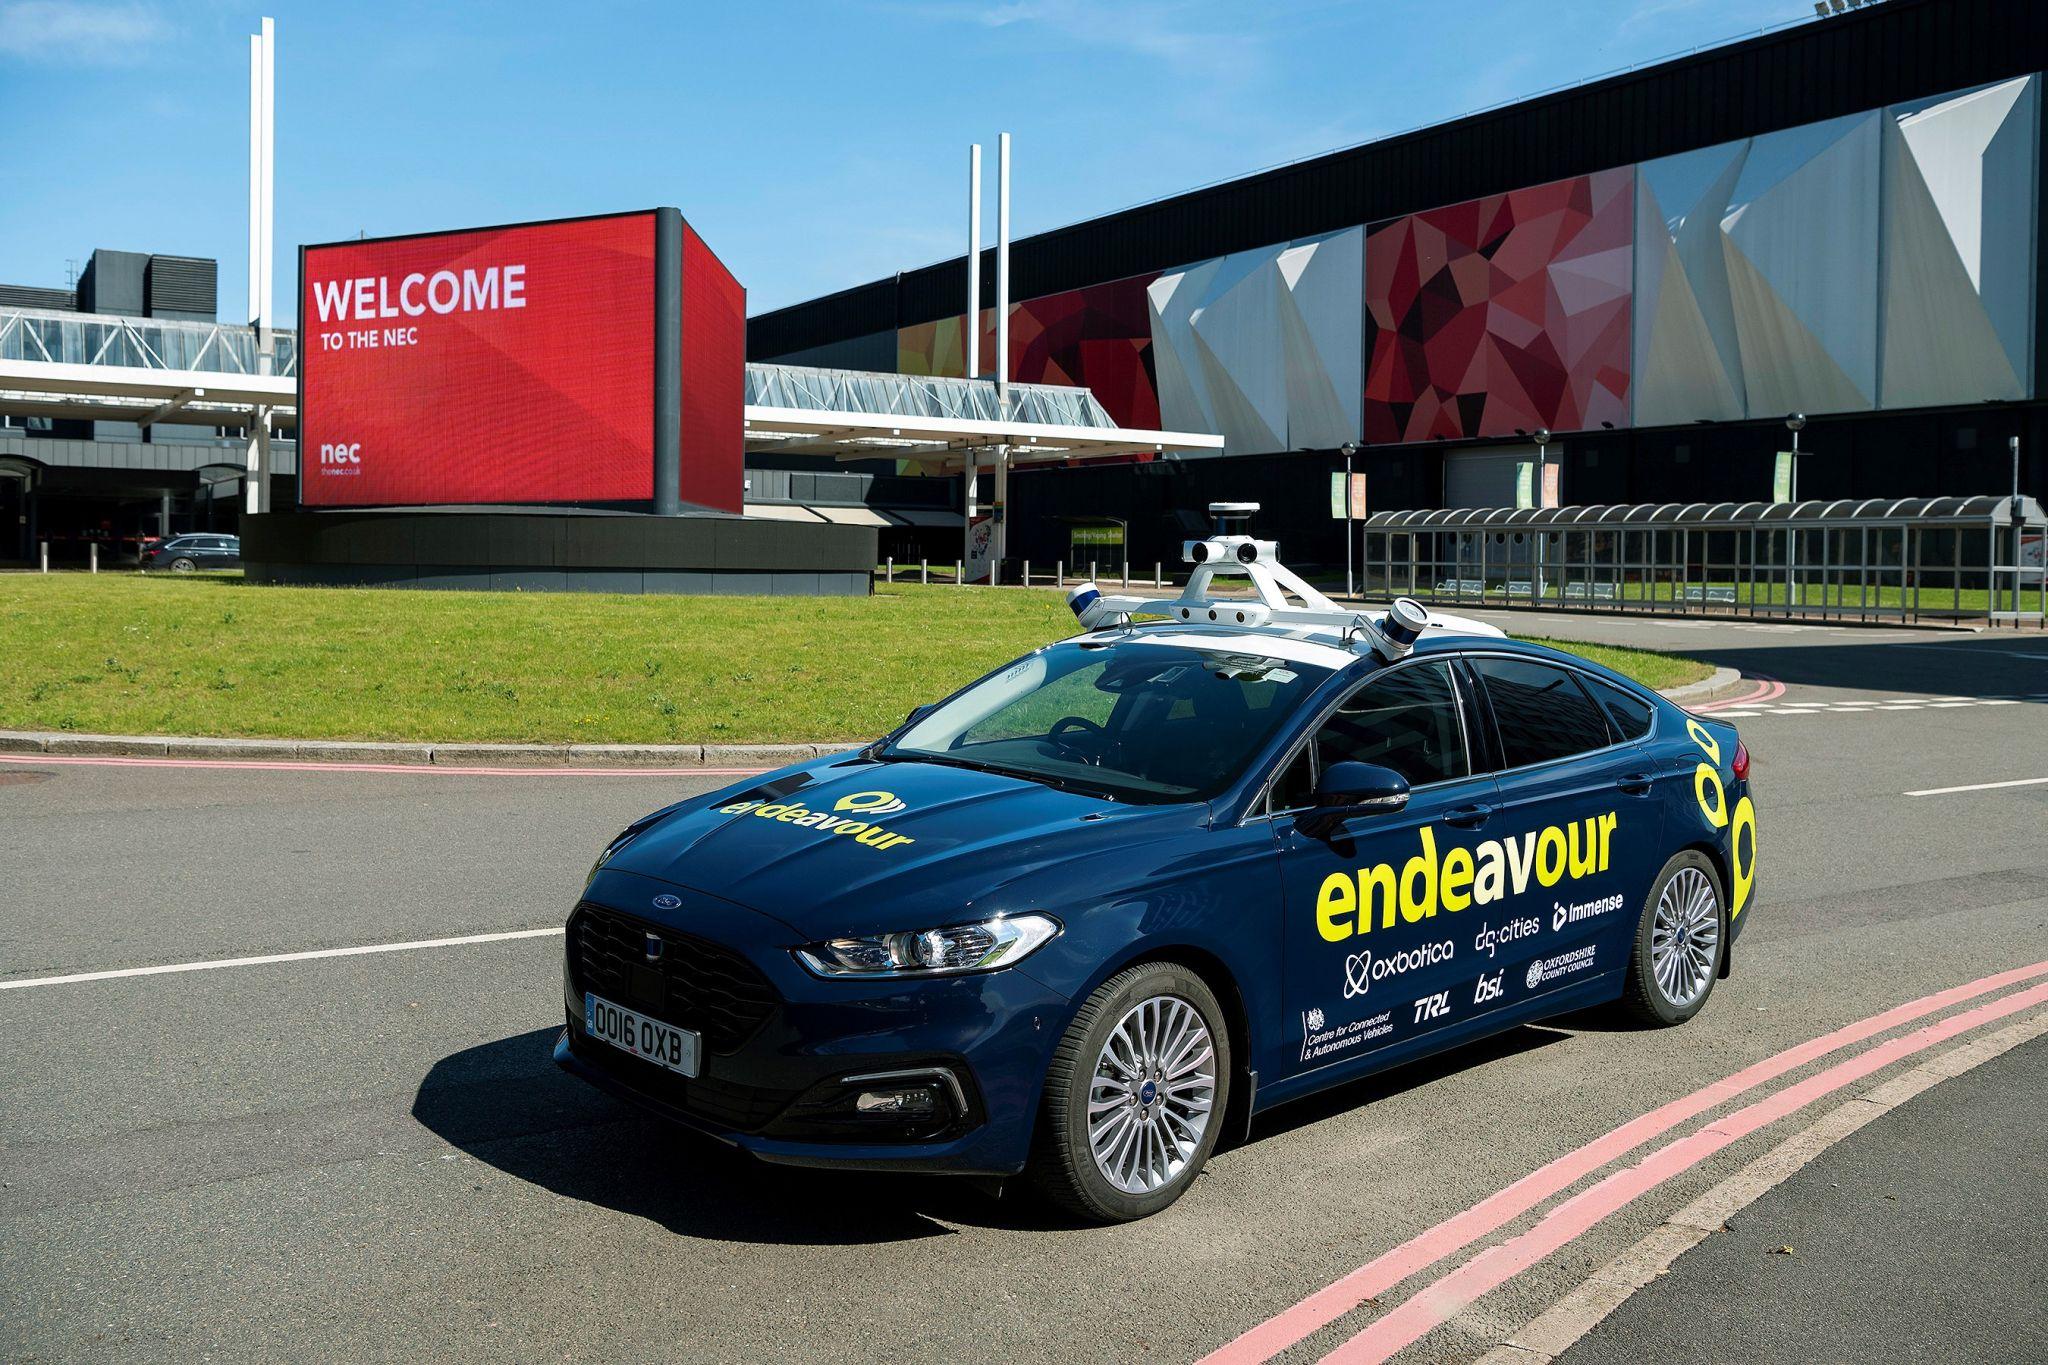 Project Endeavour, Birmingham